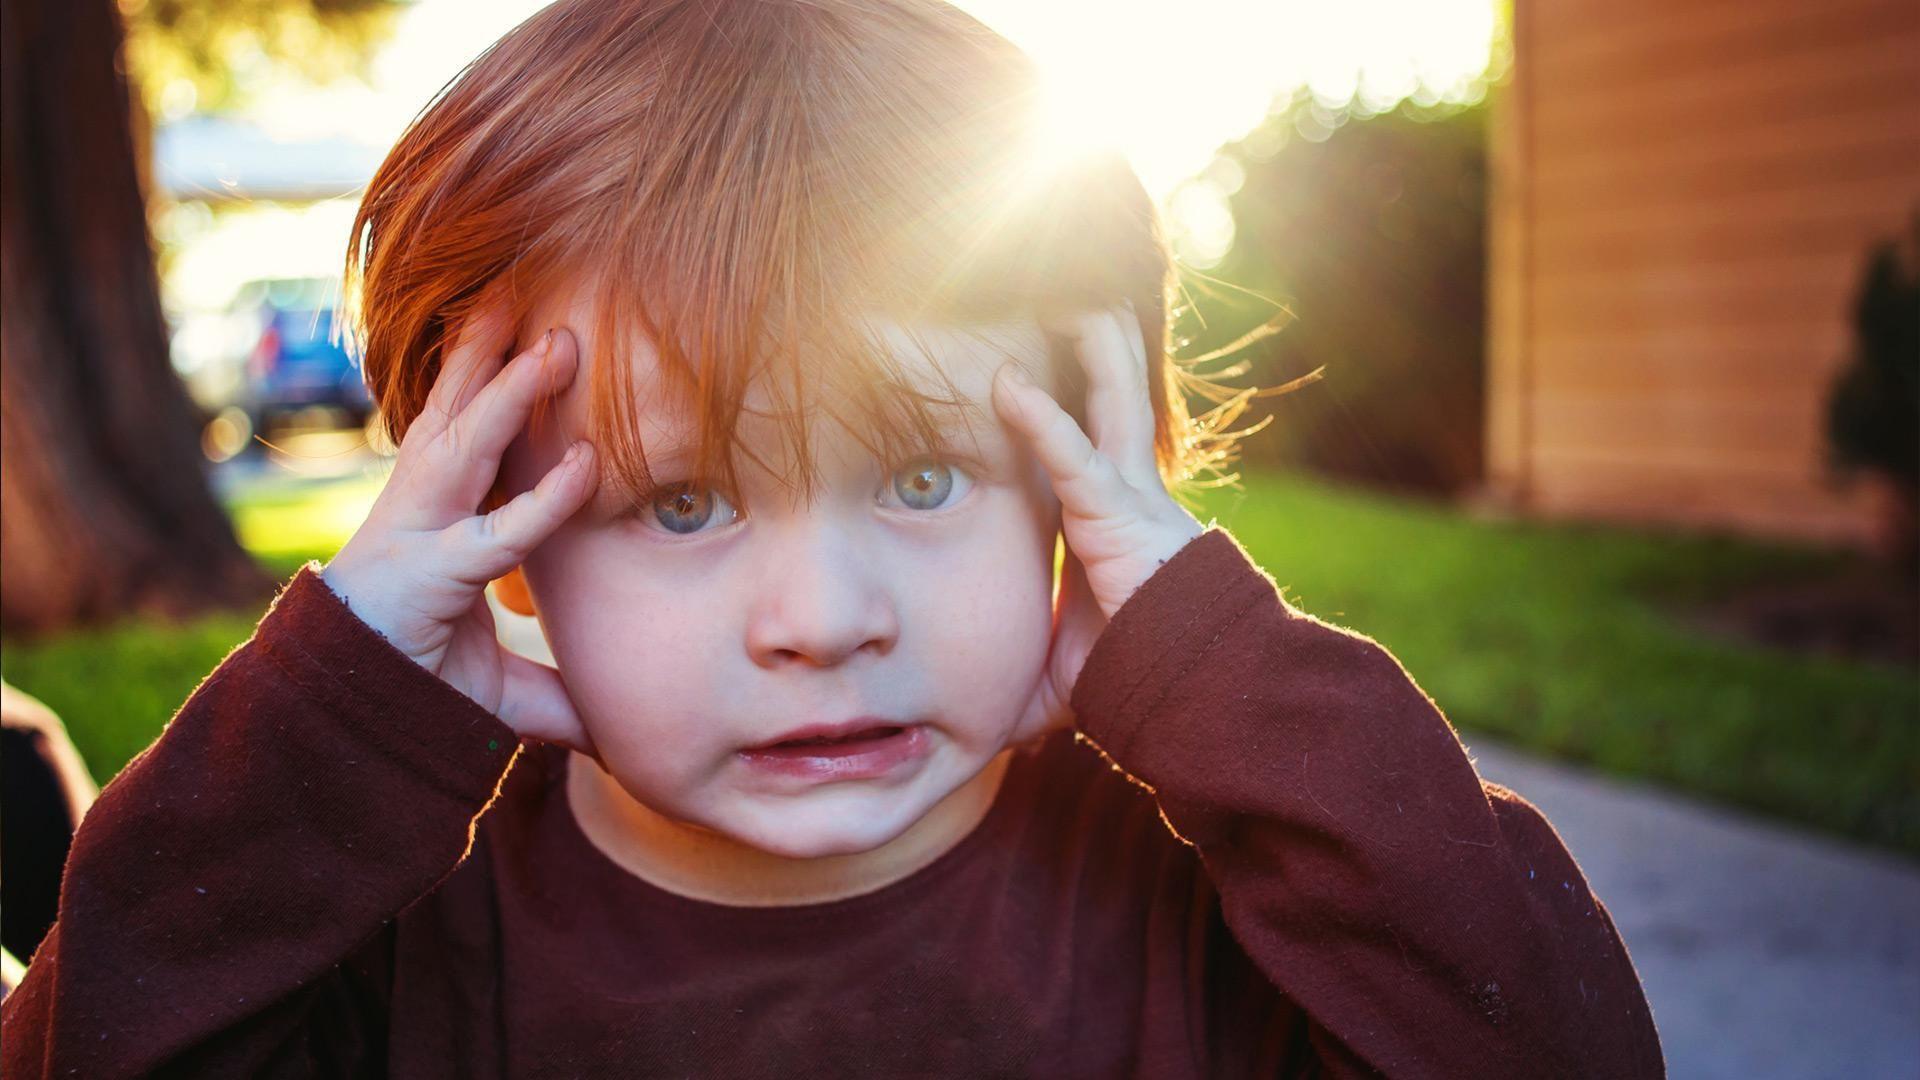 Детская травма заставила мозг быстрее развиваться